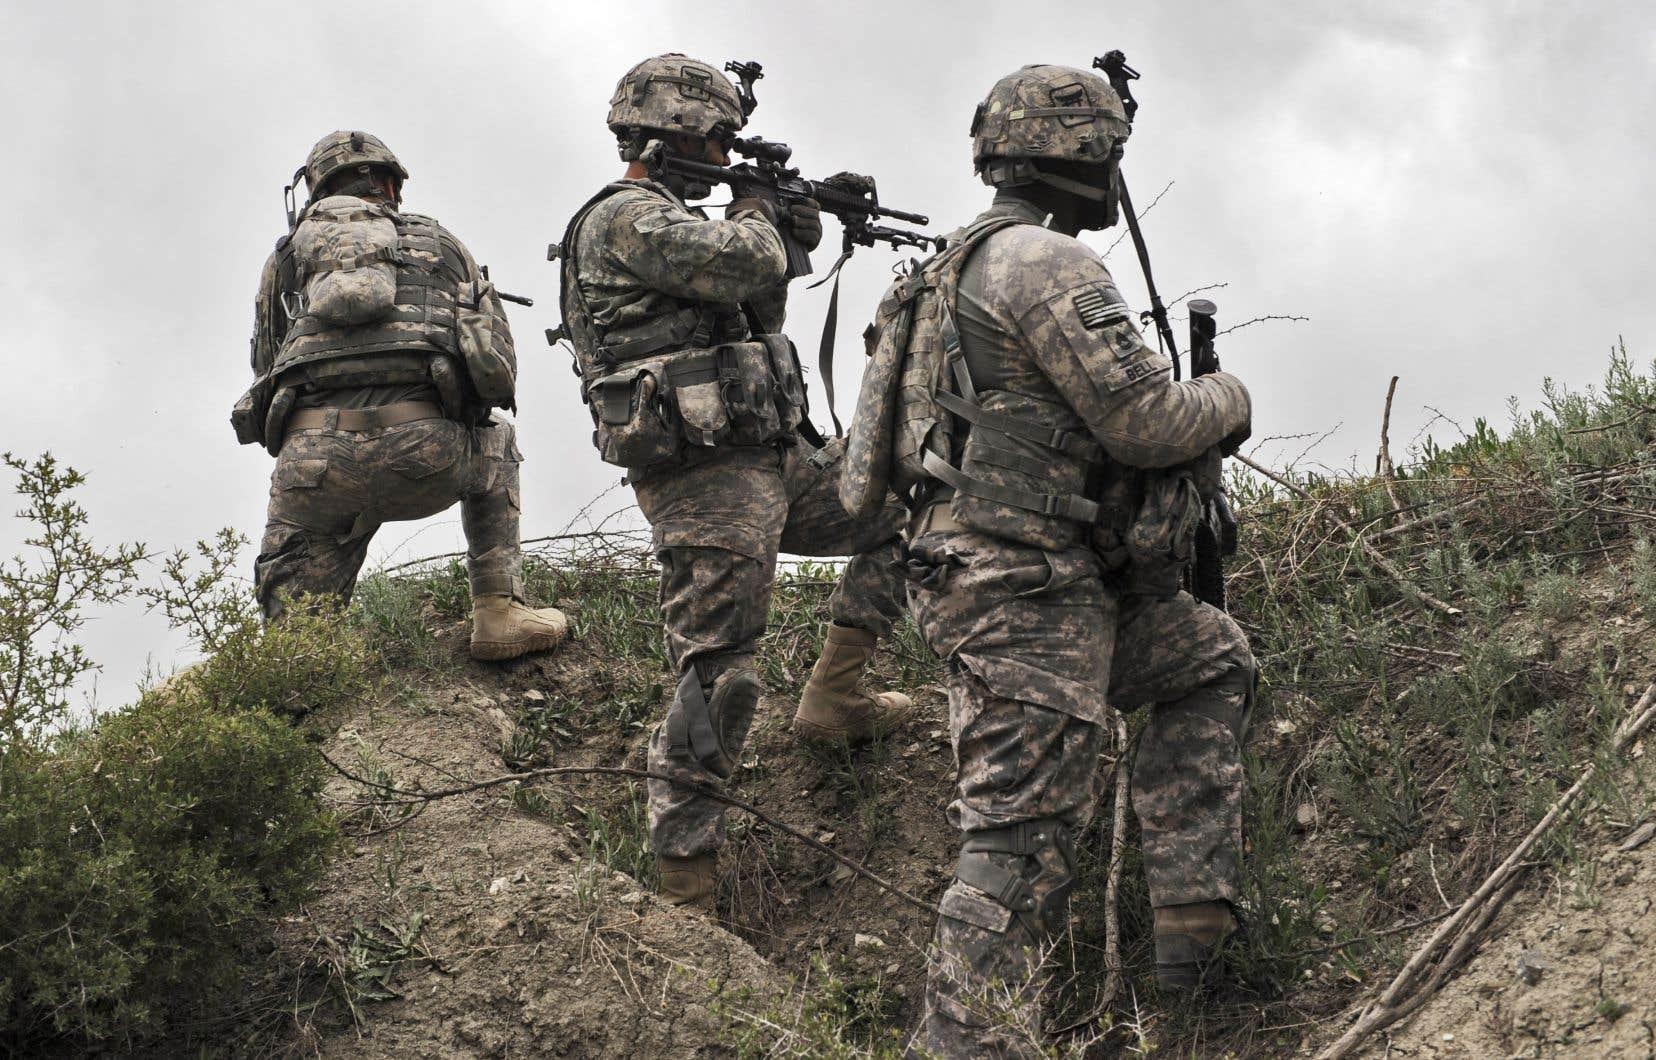 Les États-Unis sont intervenus en Afghanistan dans la foulée des attentats du 11 septembre 2001. Des soldats américains y sont déployés depuis.